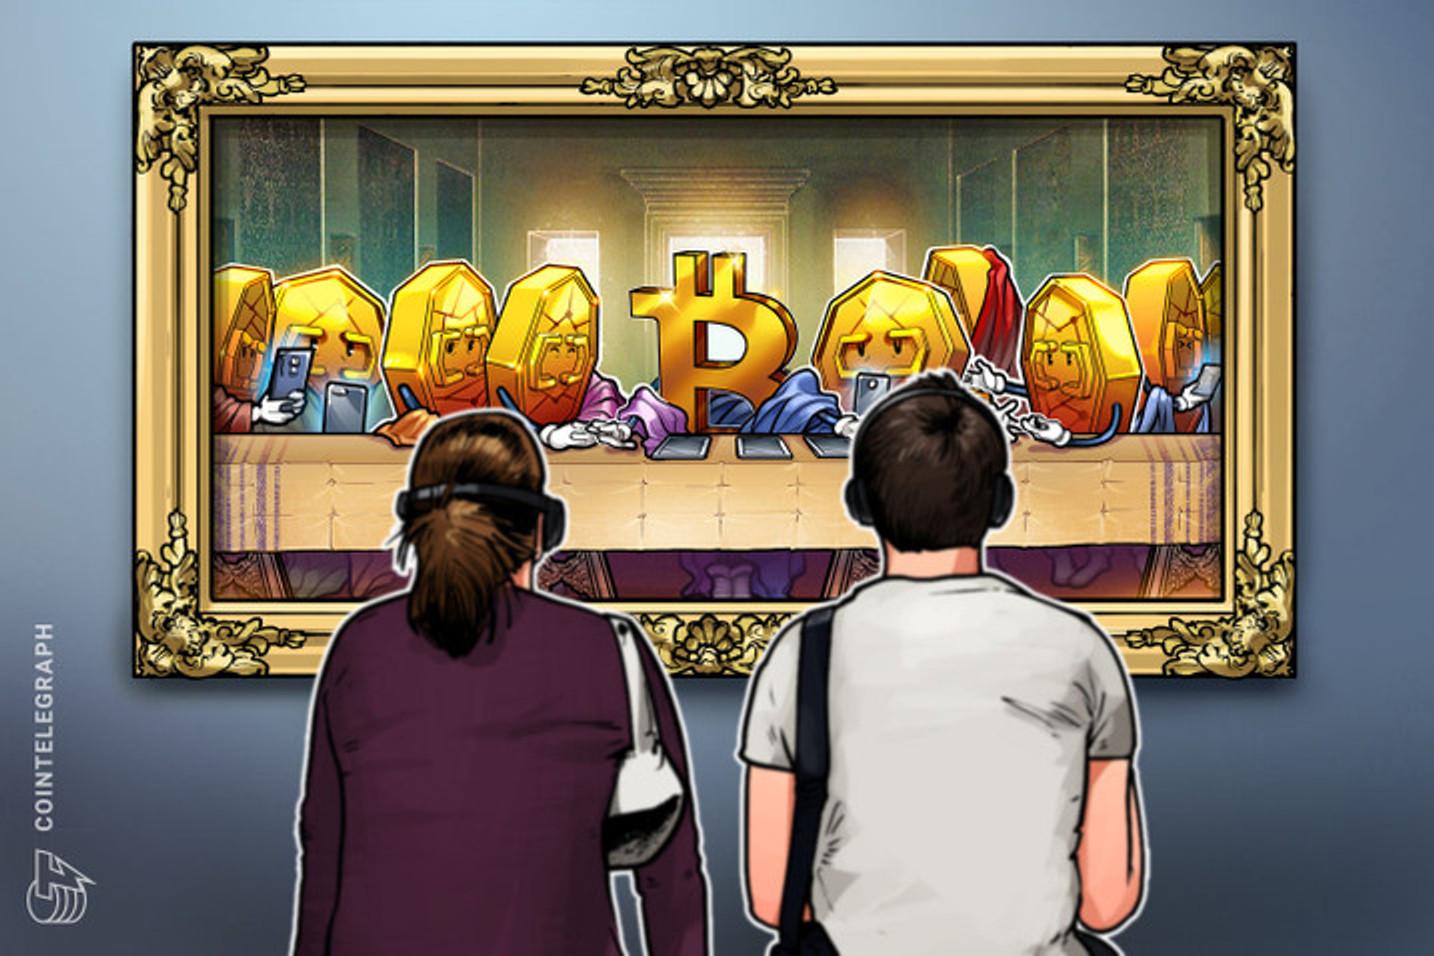 「次はデジタルアート」米国仮想通貨投資のご意見番ポンプが予想